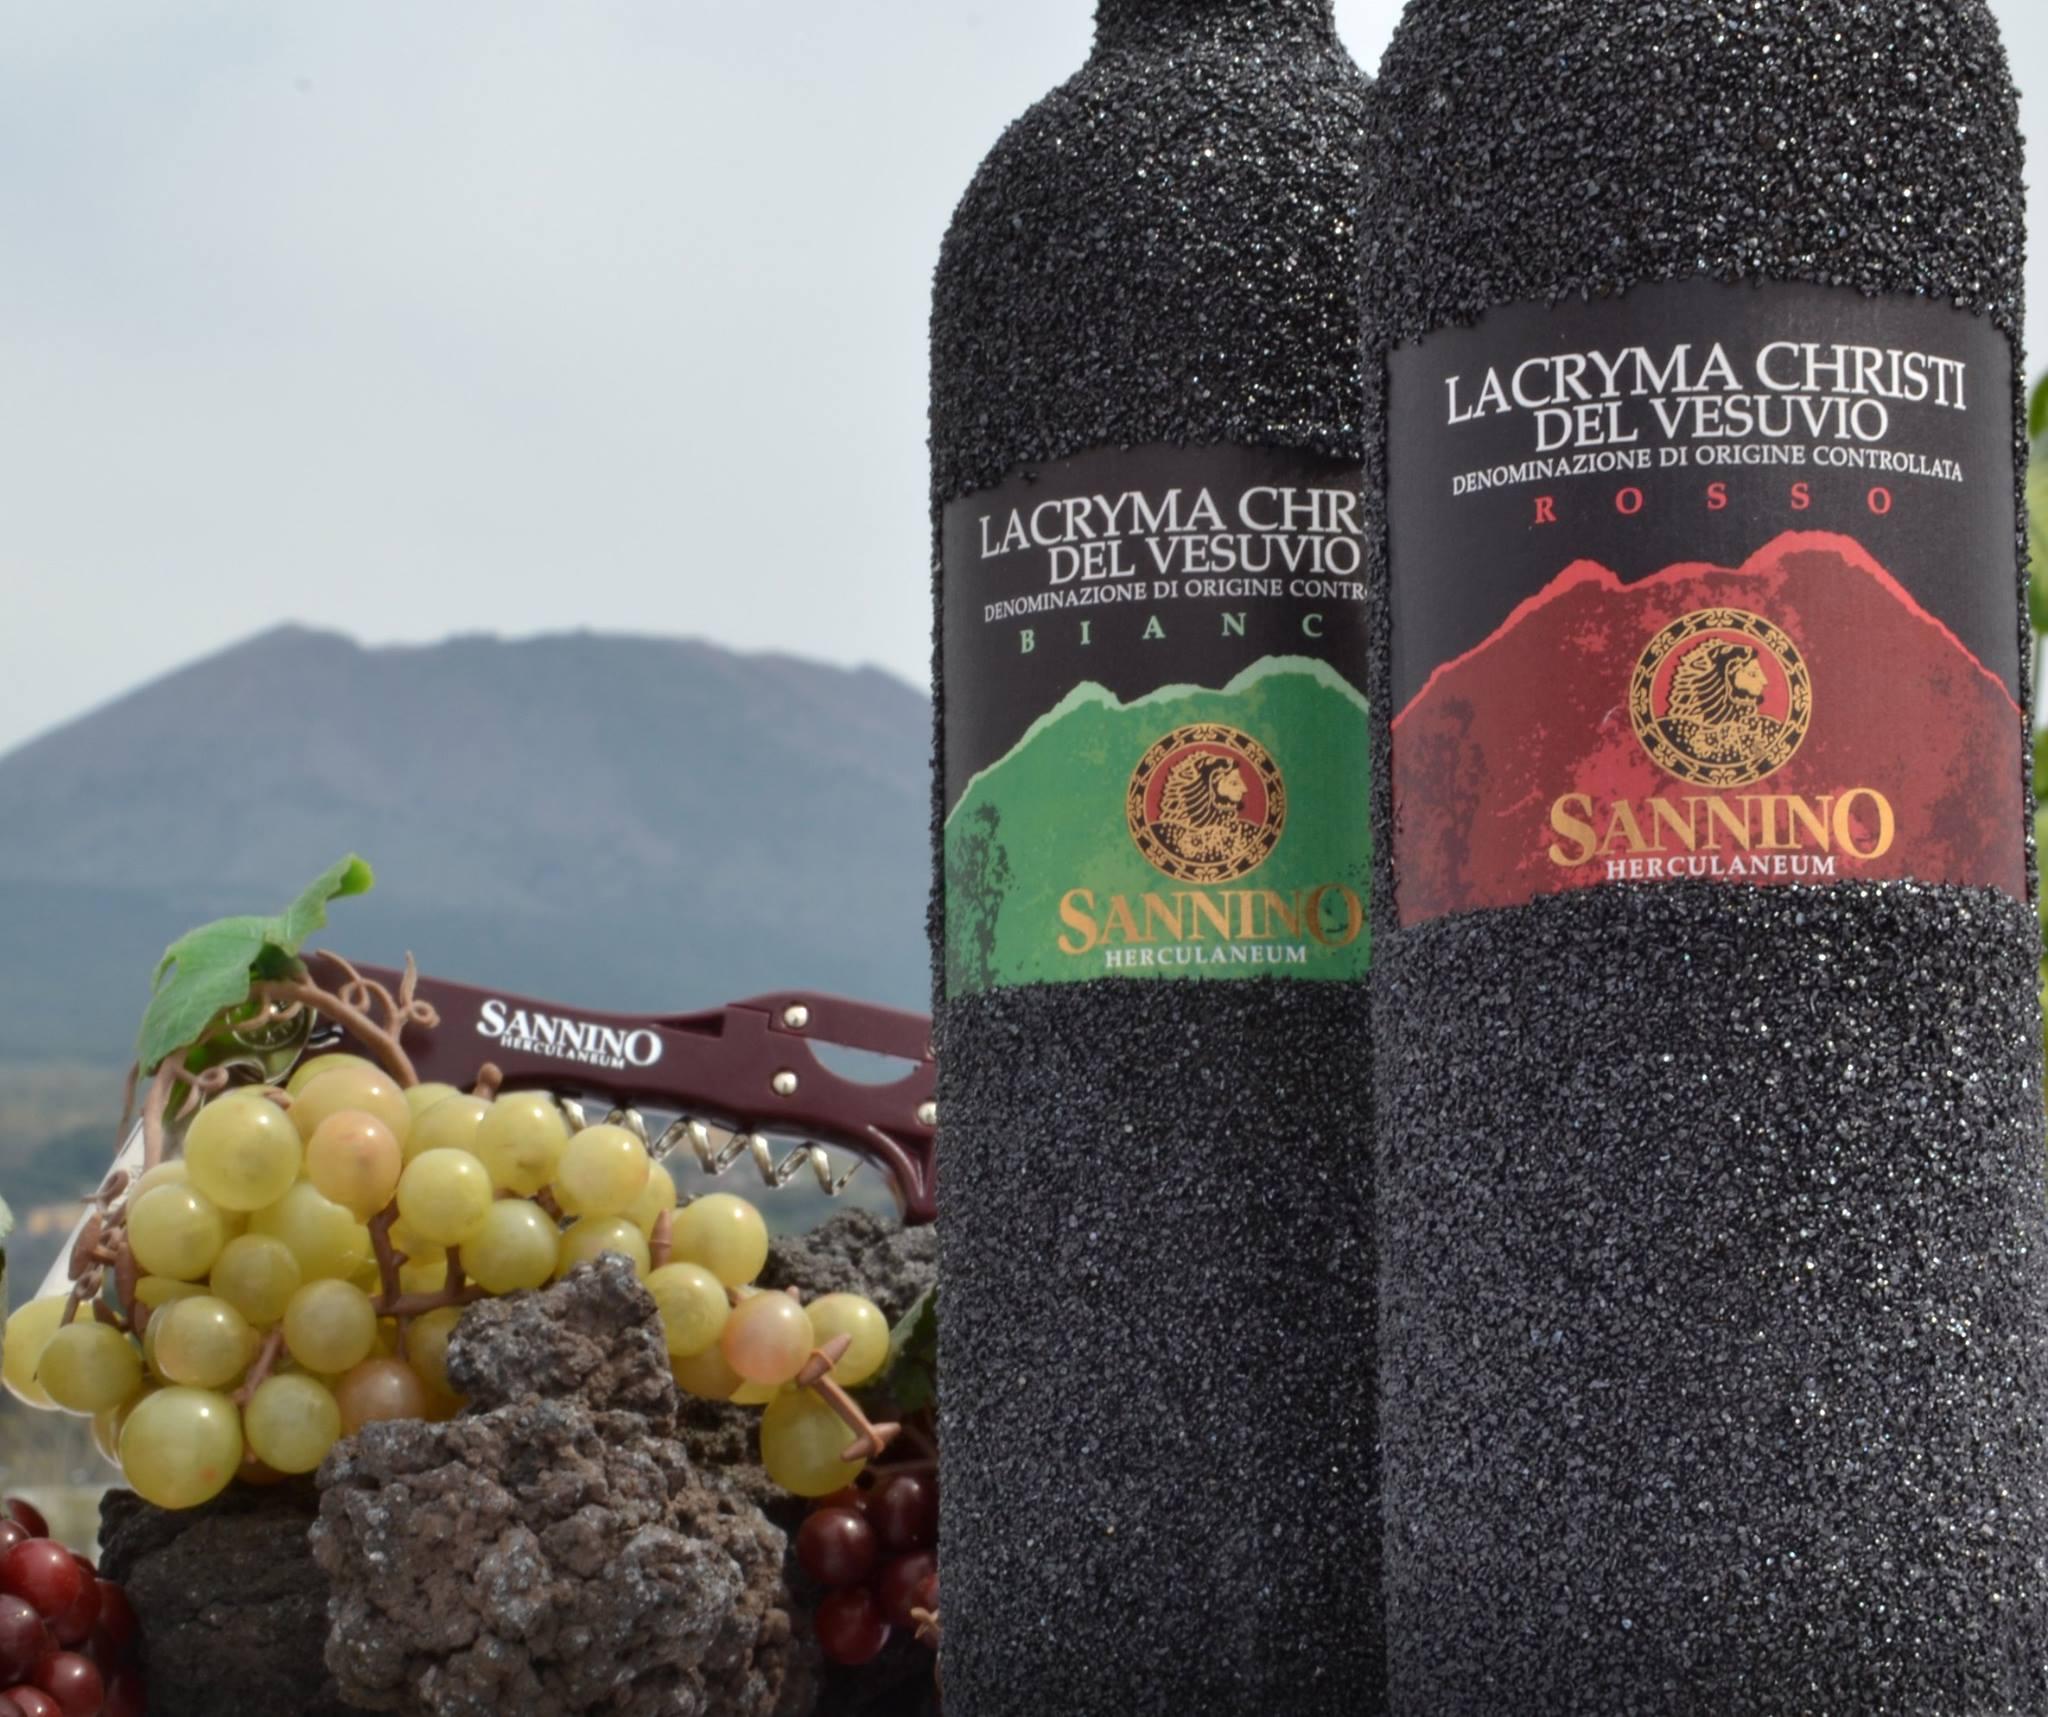 Lacryma Christi del Vesuvio in lava stone